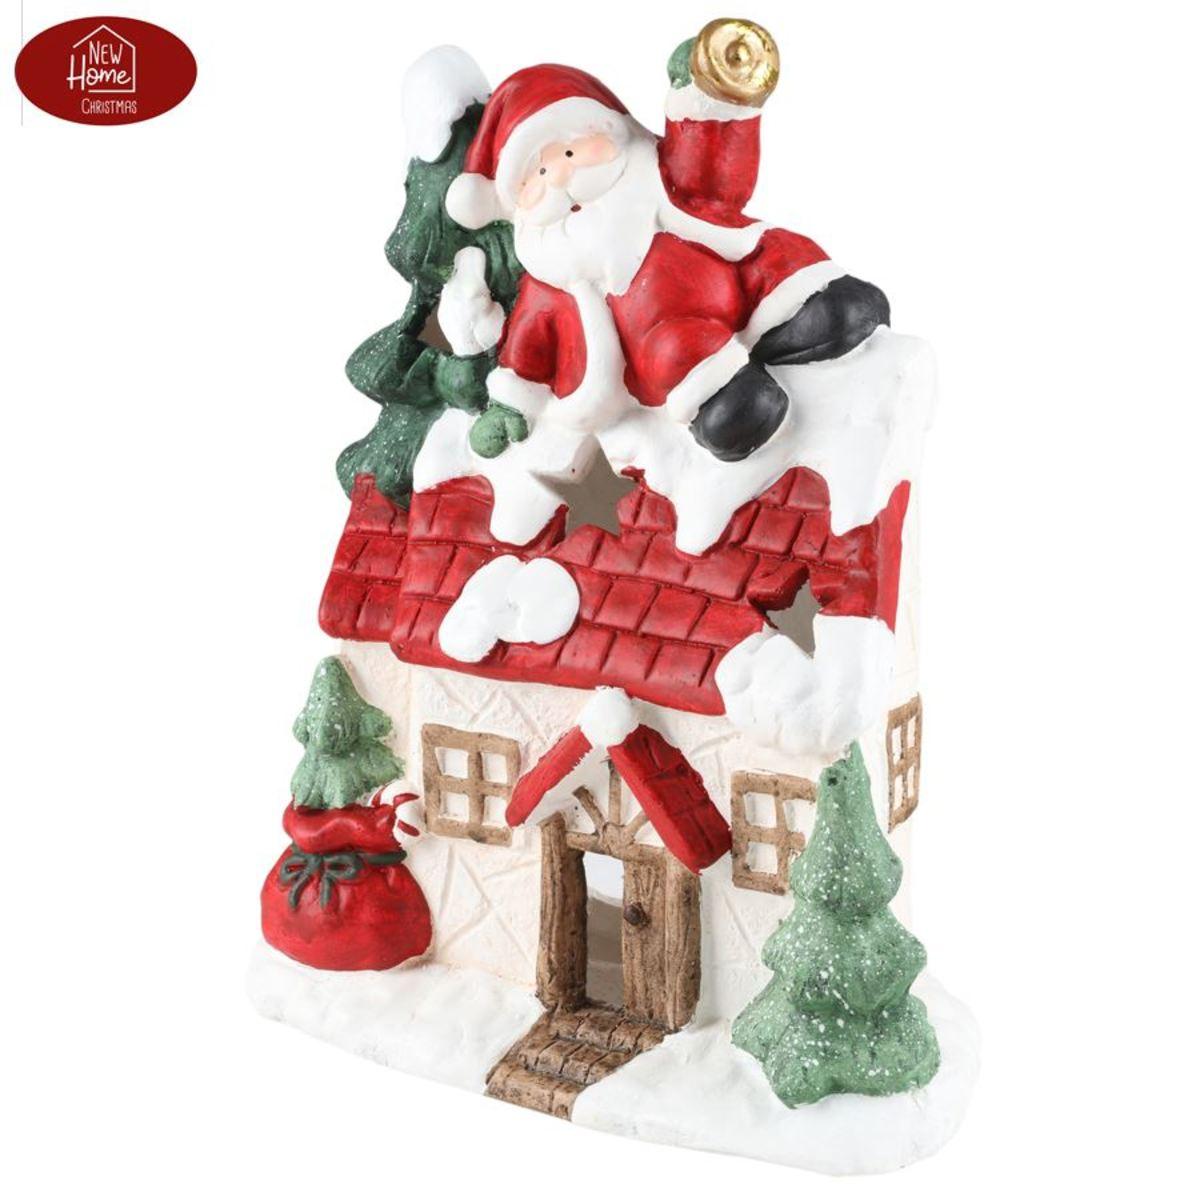 Bild 3 von Magnesium-Deko-Haus 37cm mit Weihnachtsmann